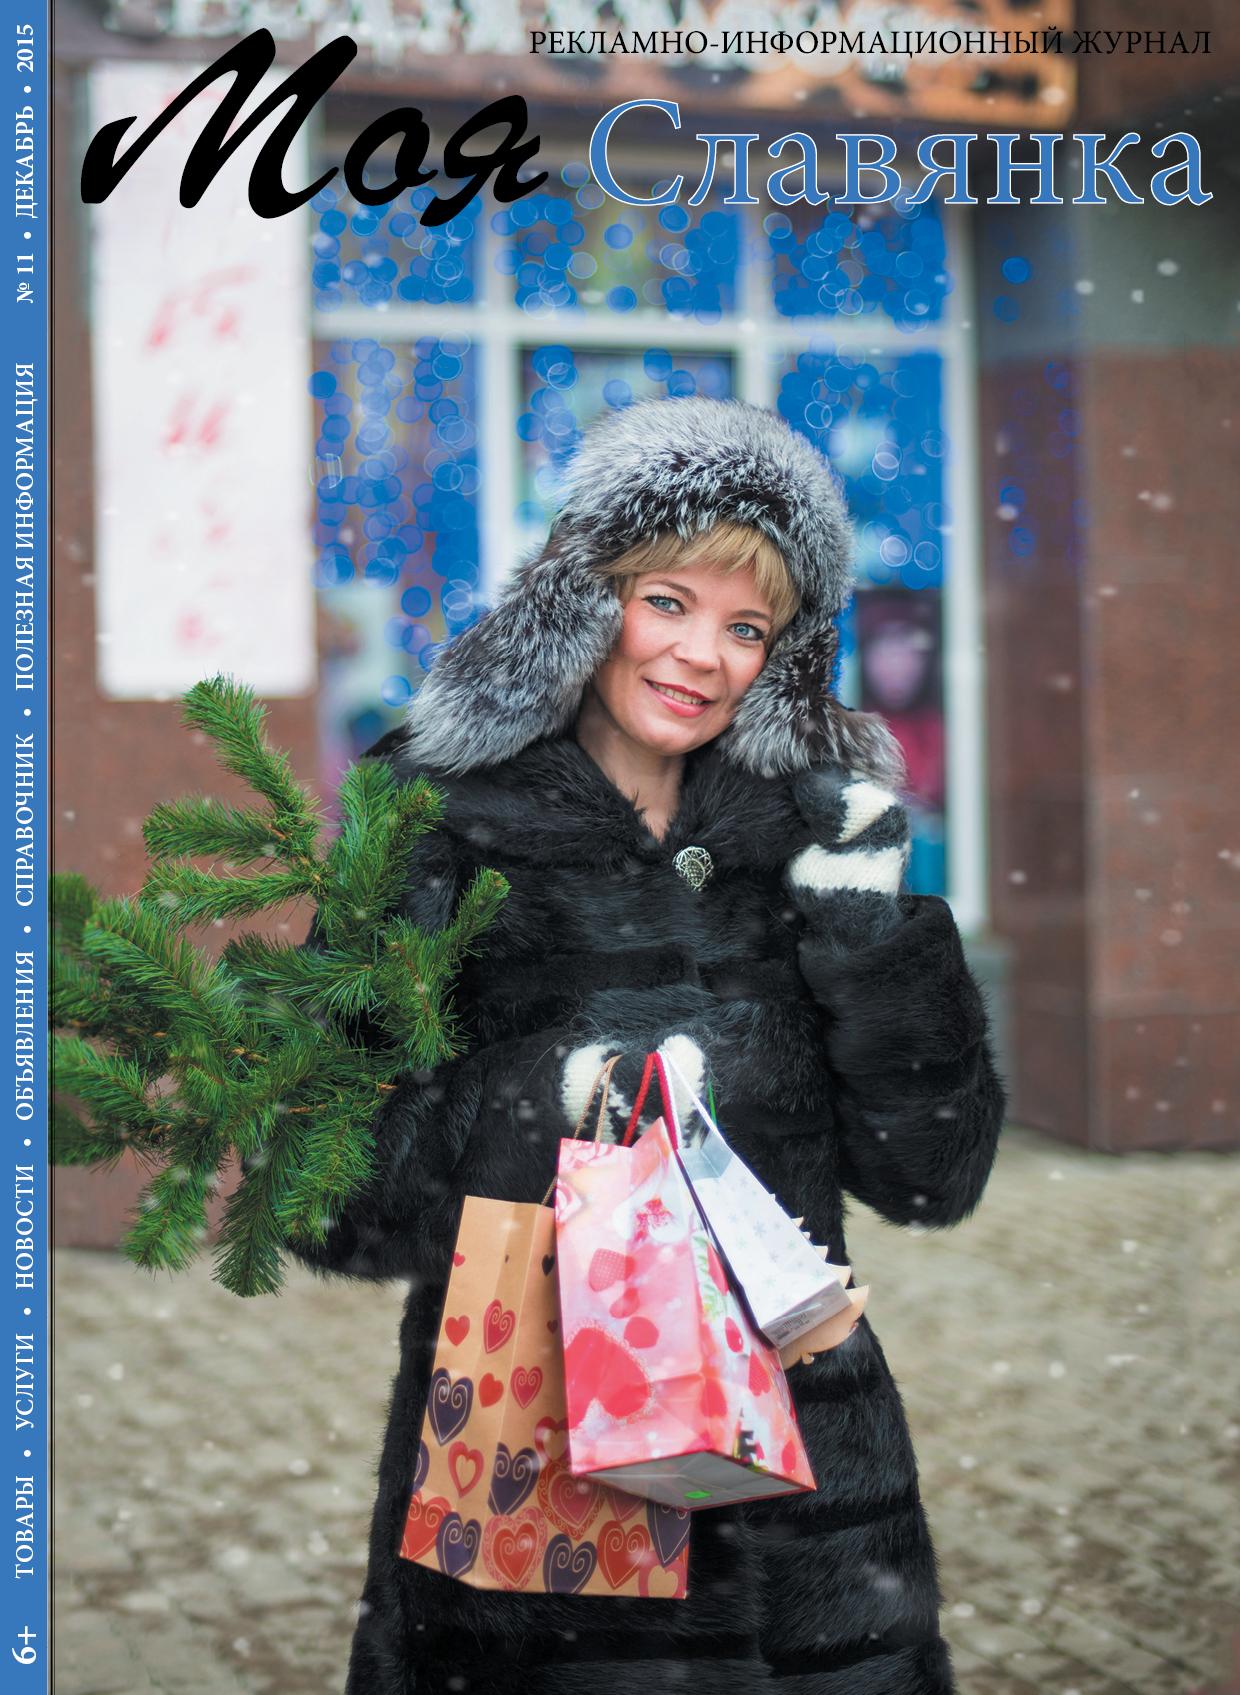 Обложка журнала Моя Славянка декабрь 2015